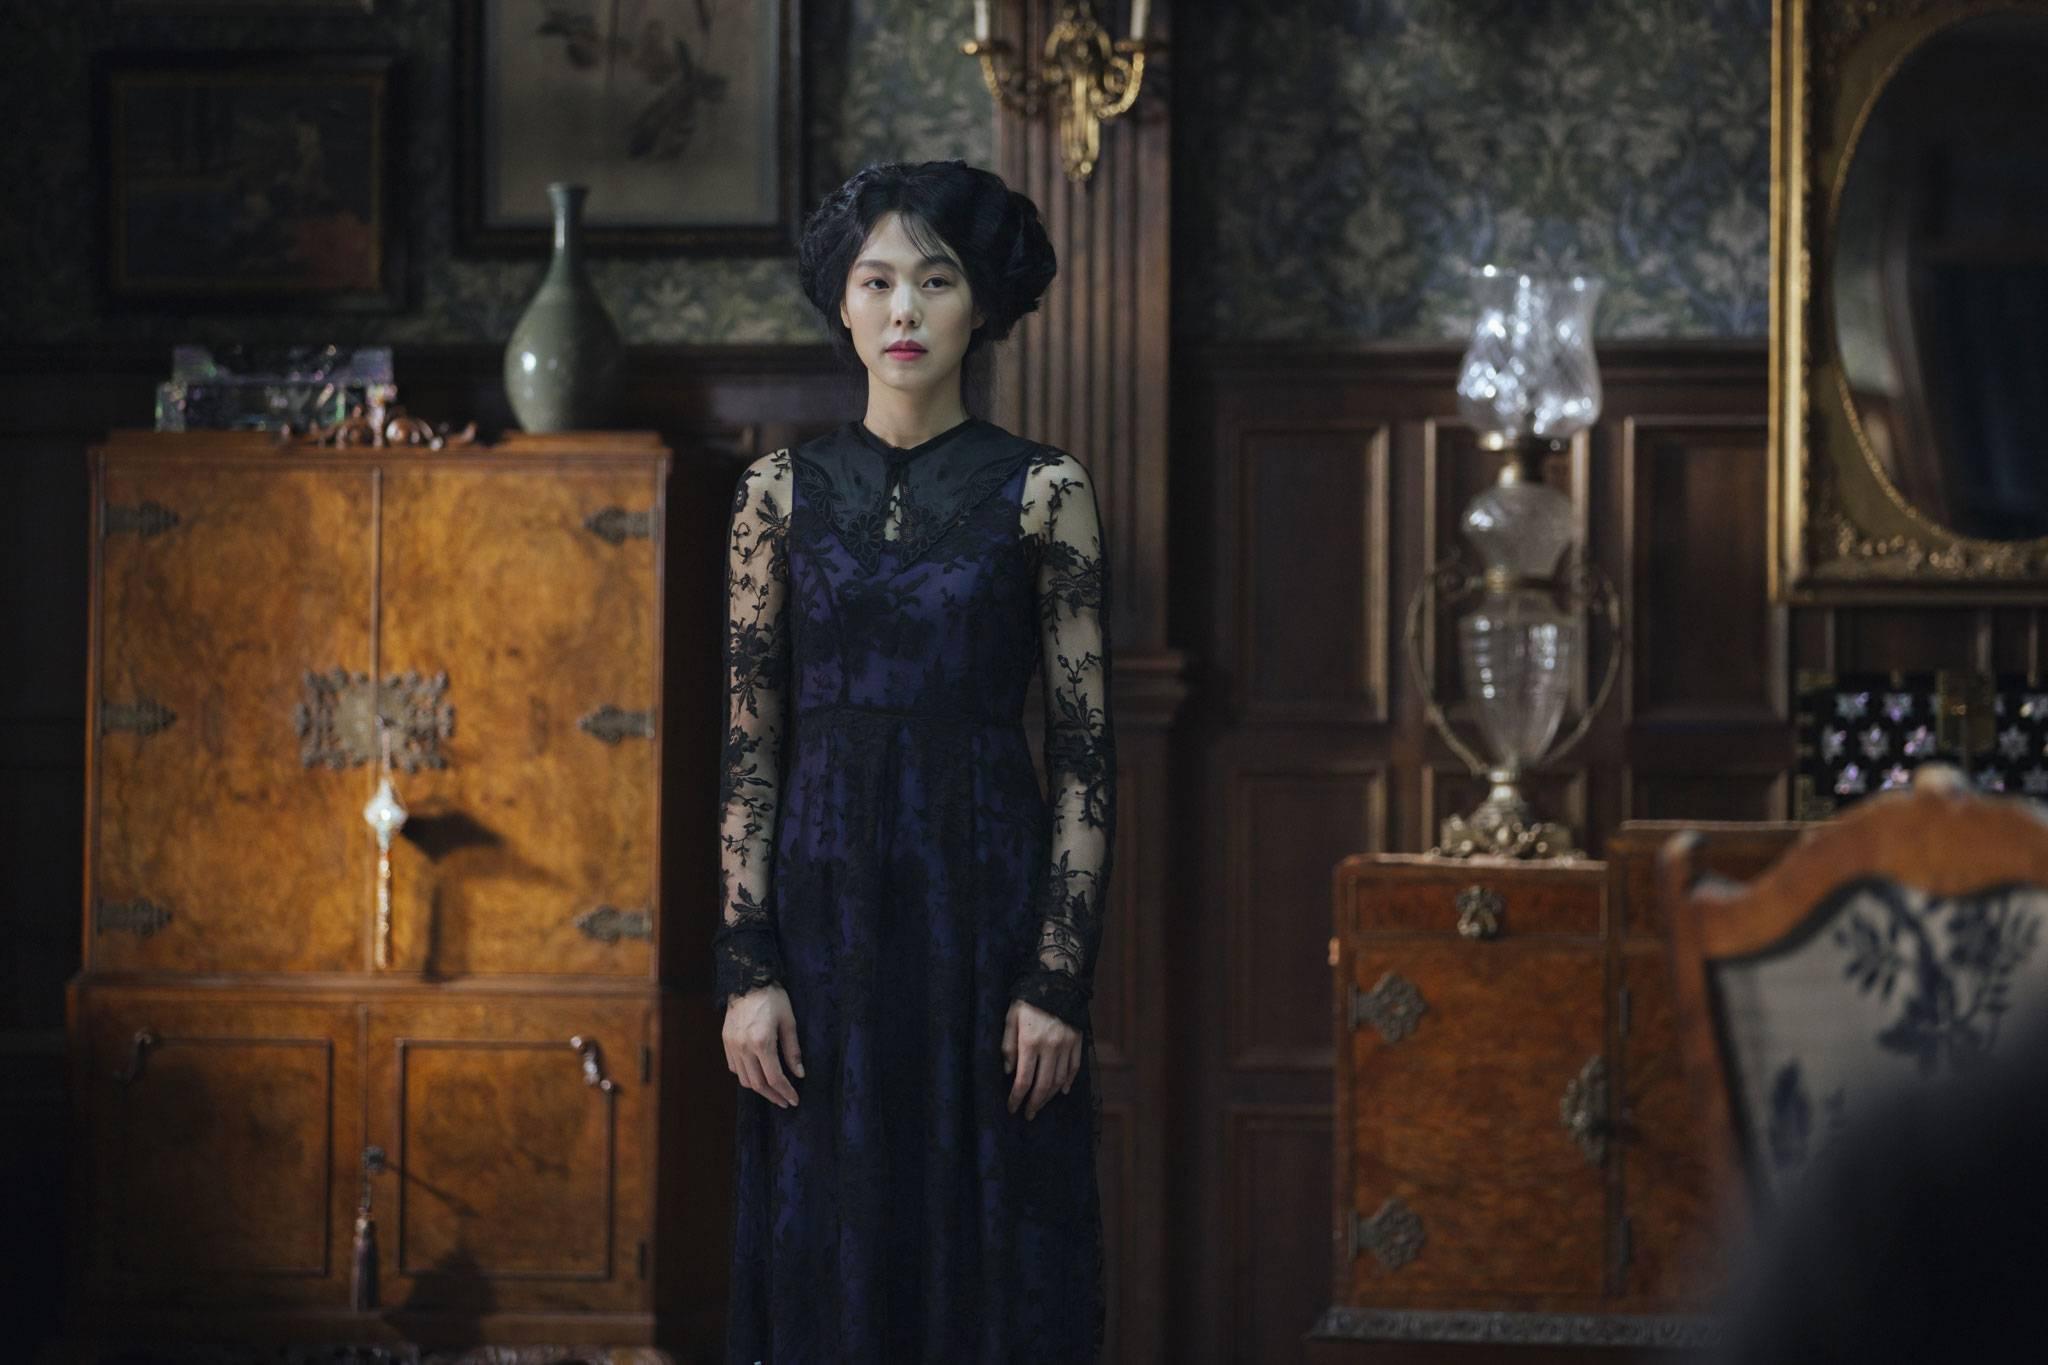 아가씨 the handmaiden kim min hee kim tae ri lesbian sex scene - 3 5